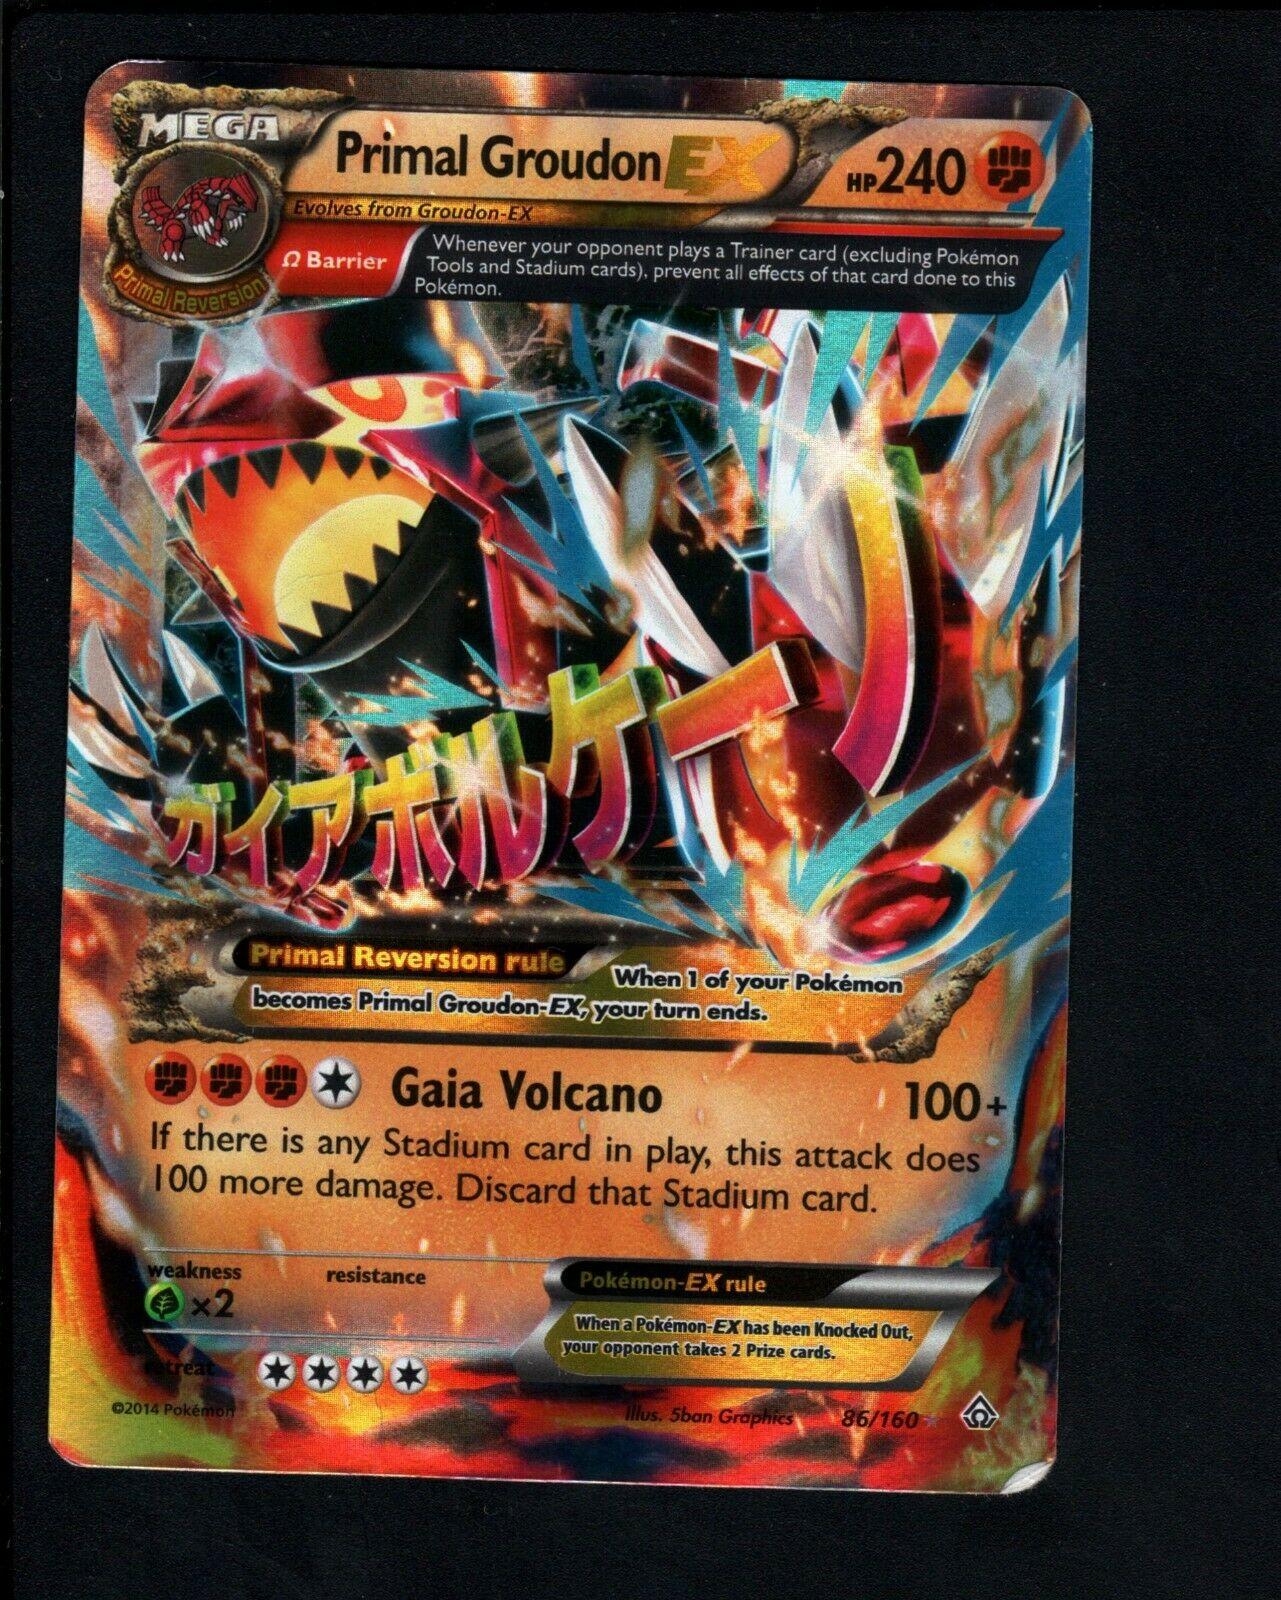 Primal Groudon Mega ex tarjeta 86//160 con Caja de Tarjeta Gratis 1 ex